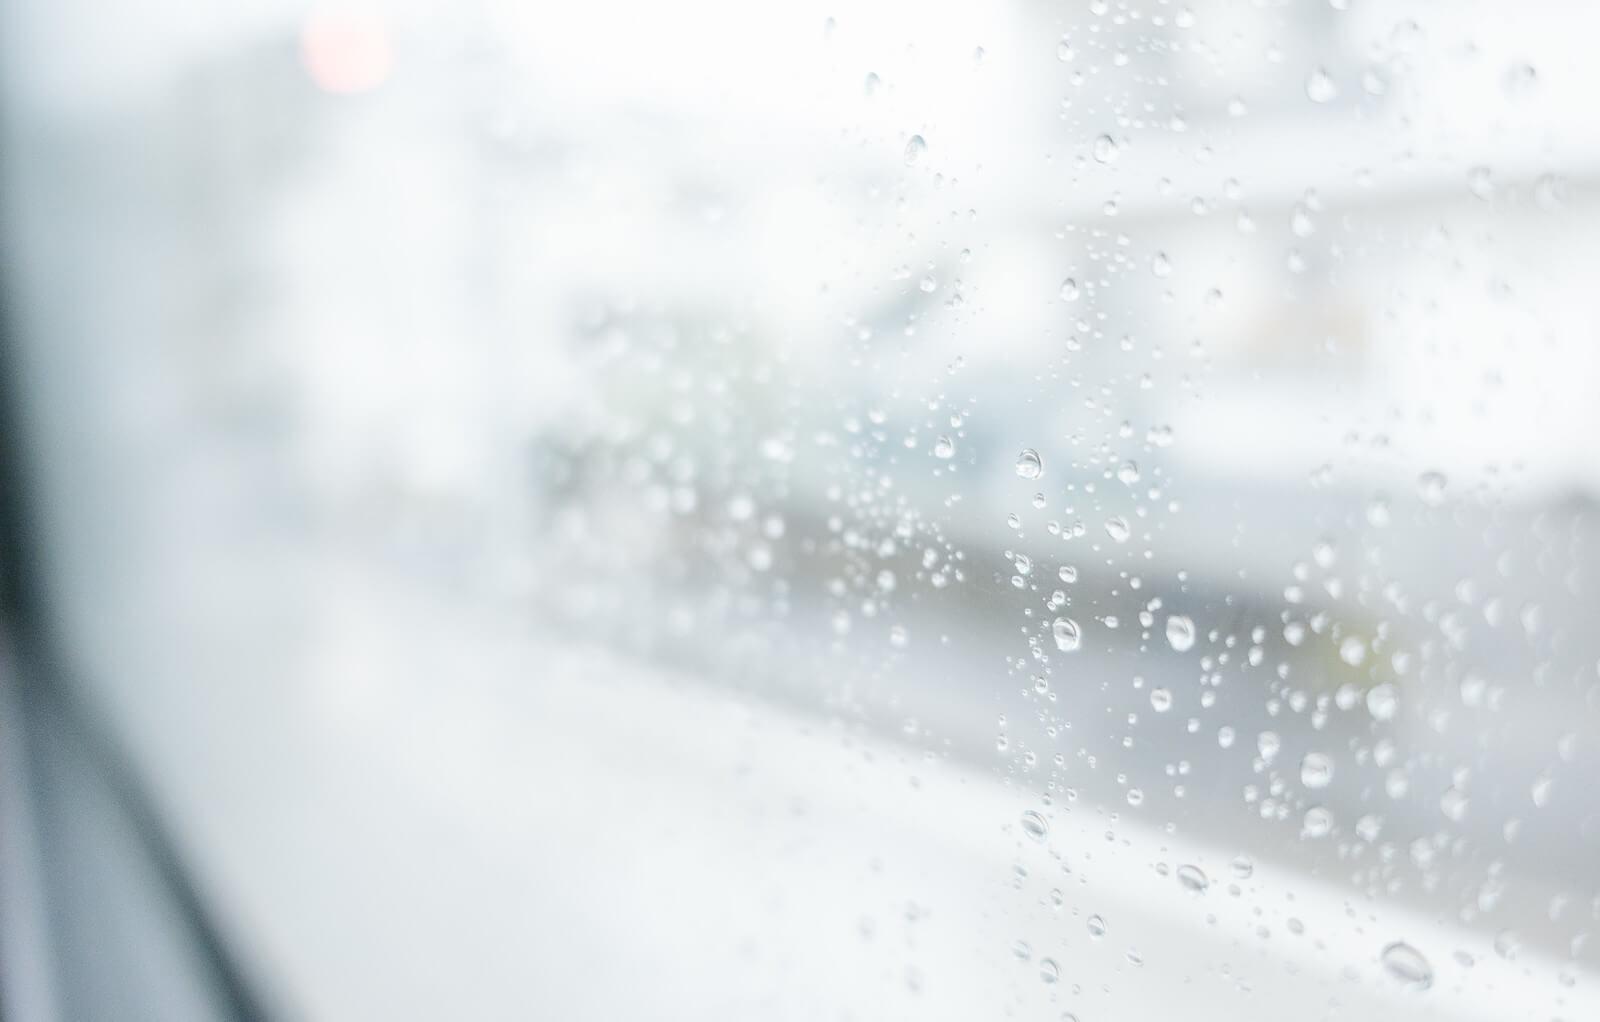 梅雨を快適に!湿気対策にオススメのちょっと変わった除湿家電をご紹介